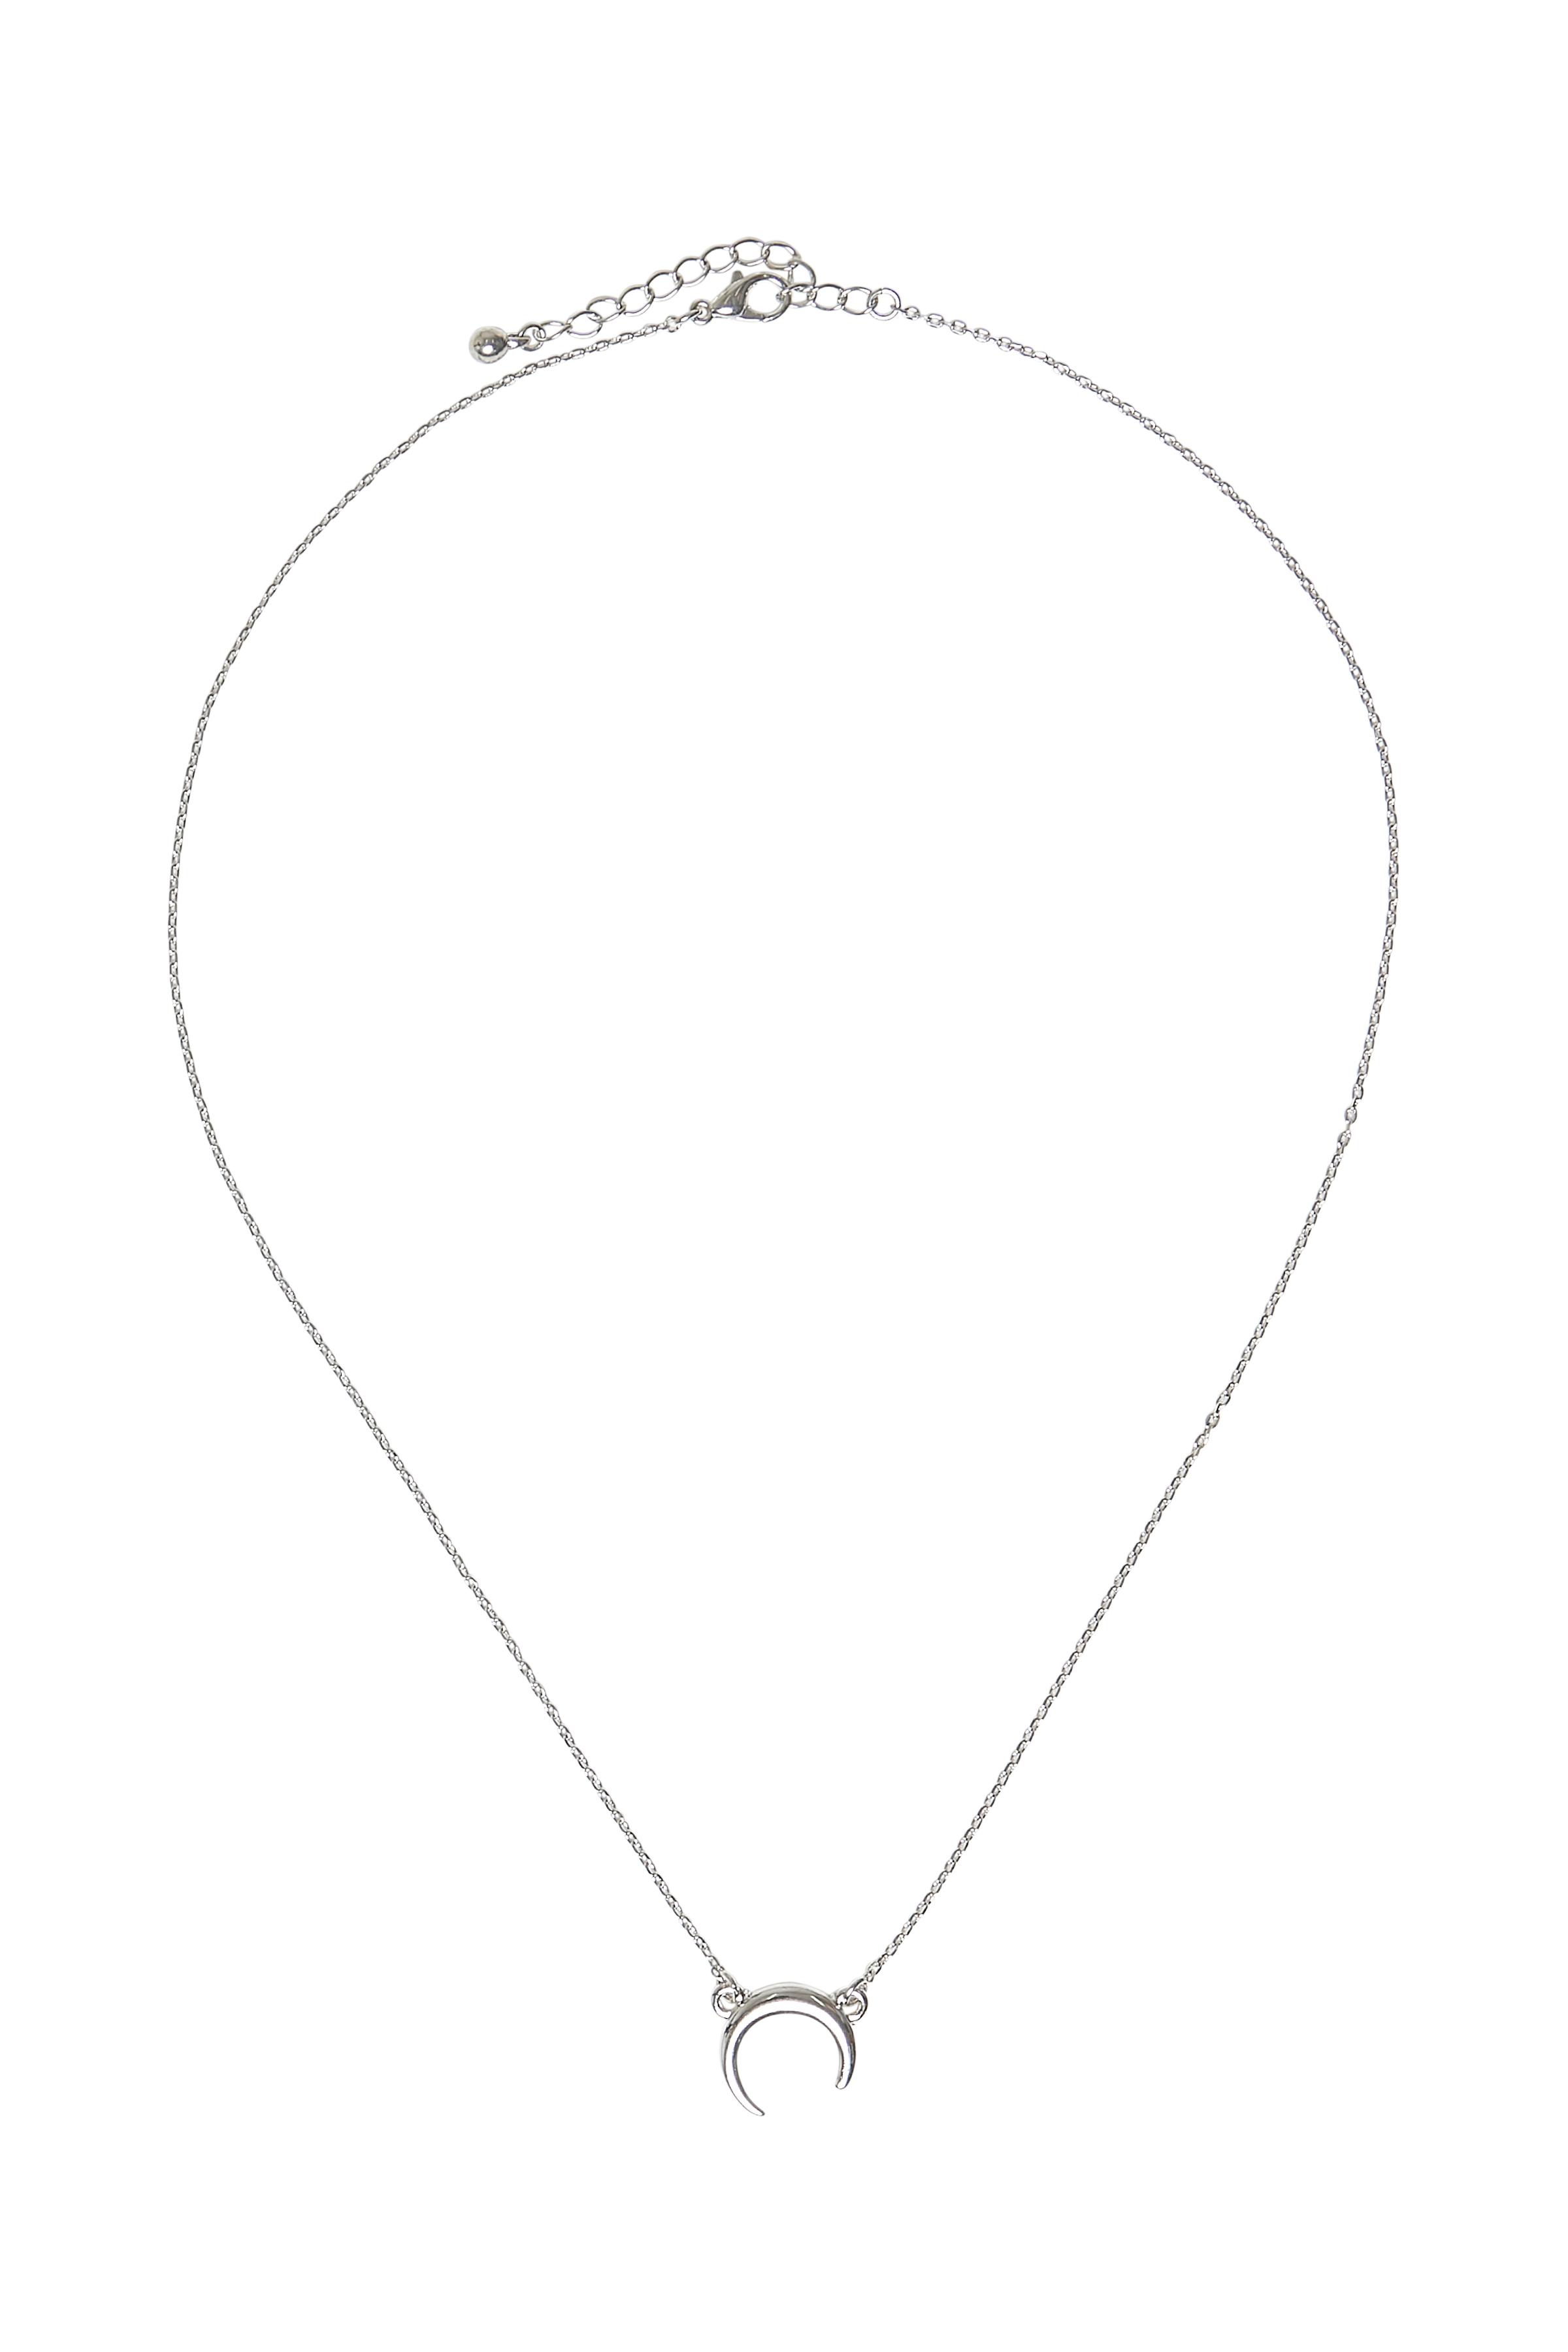 Image of Fransa Dame Fransa halskæde med et vedhæng formet som en halv cirkel. Perfekt til både hverdag og fest. - Sølv